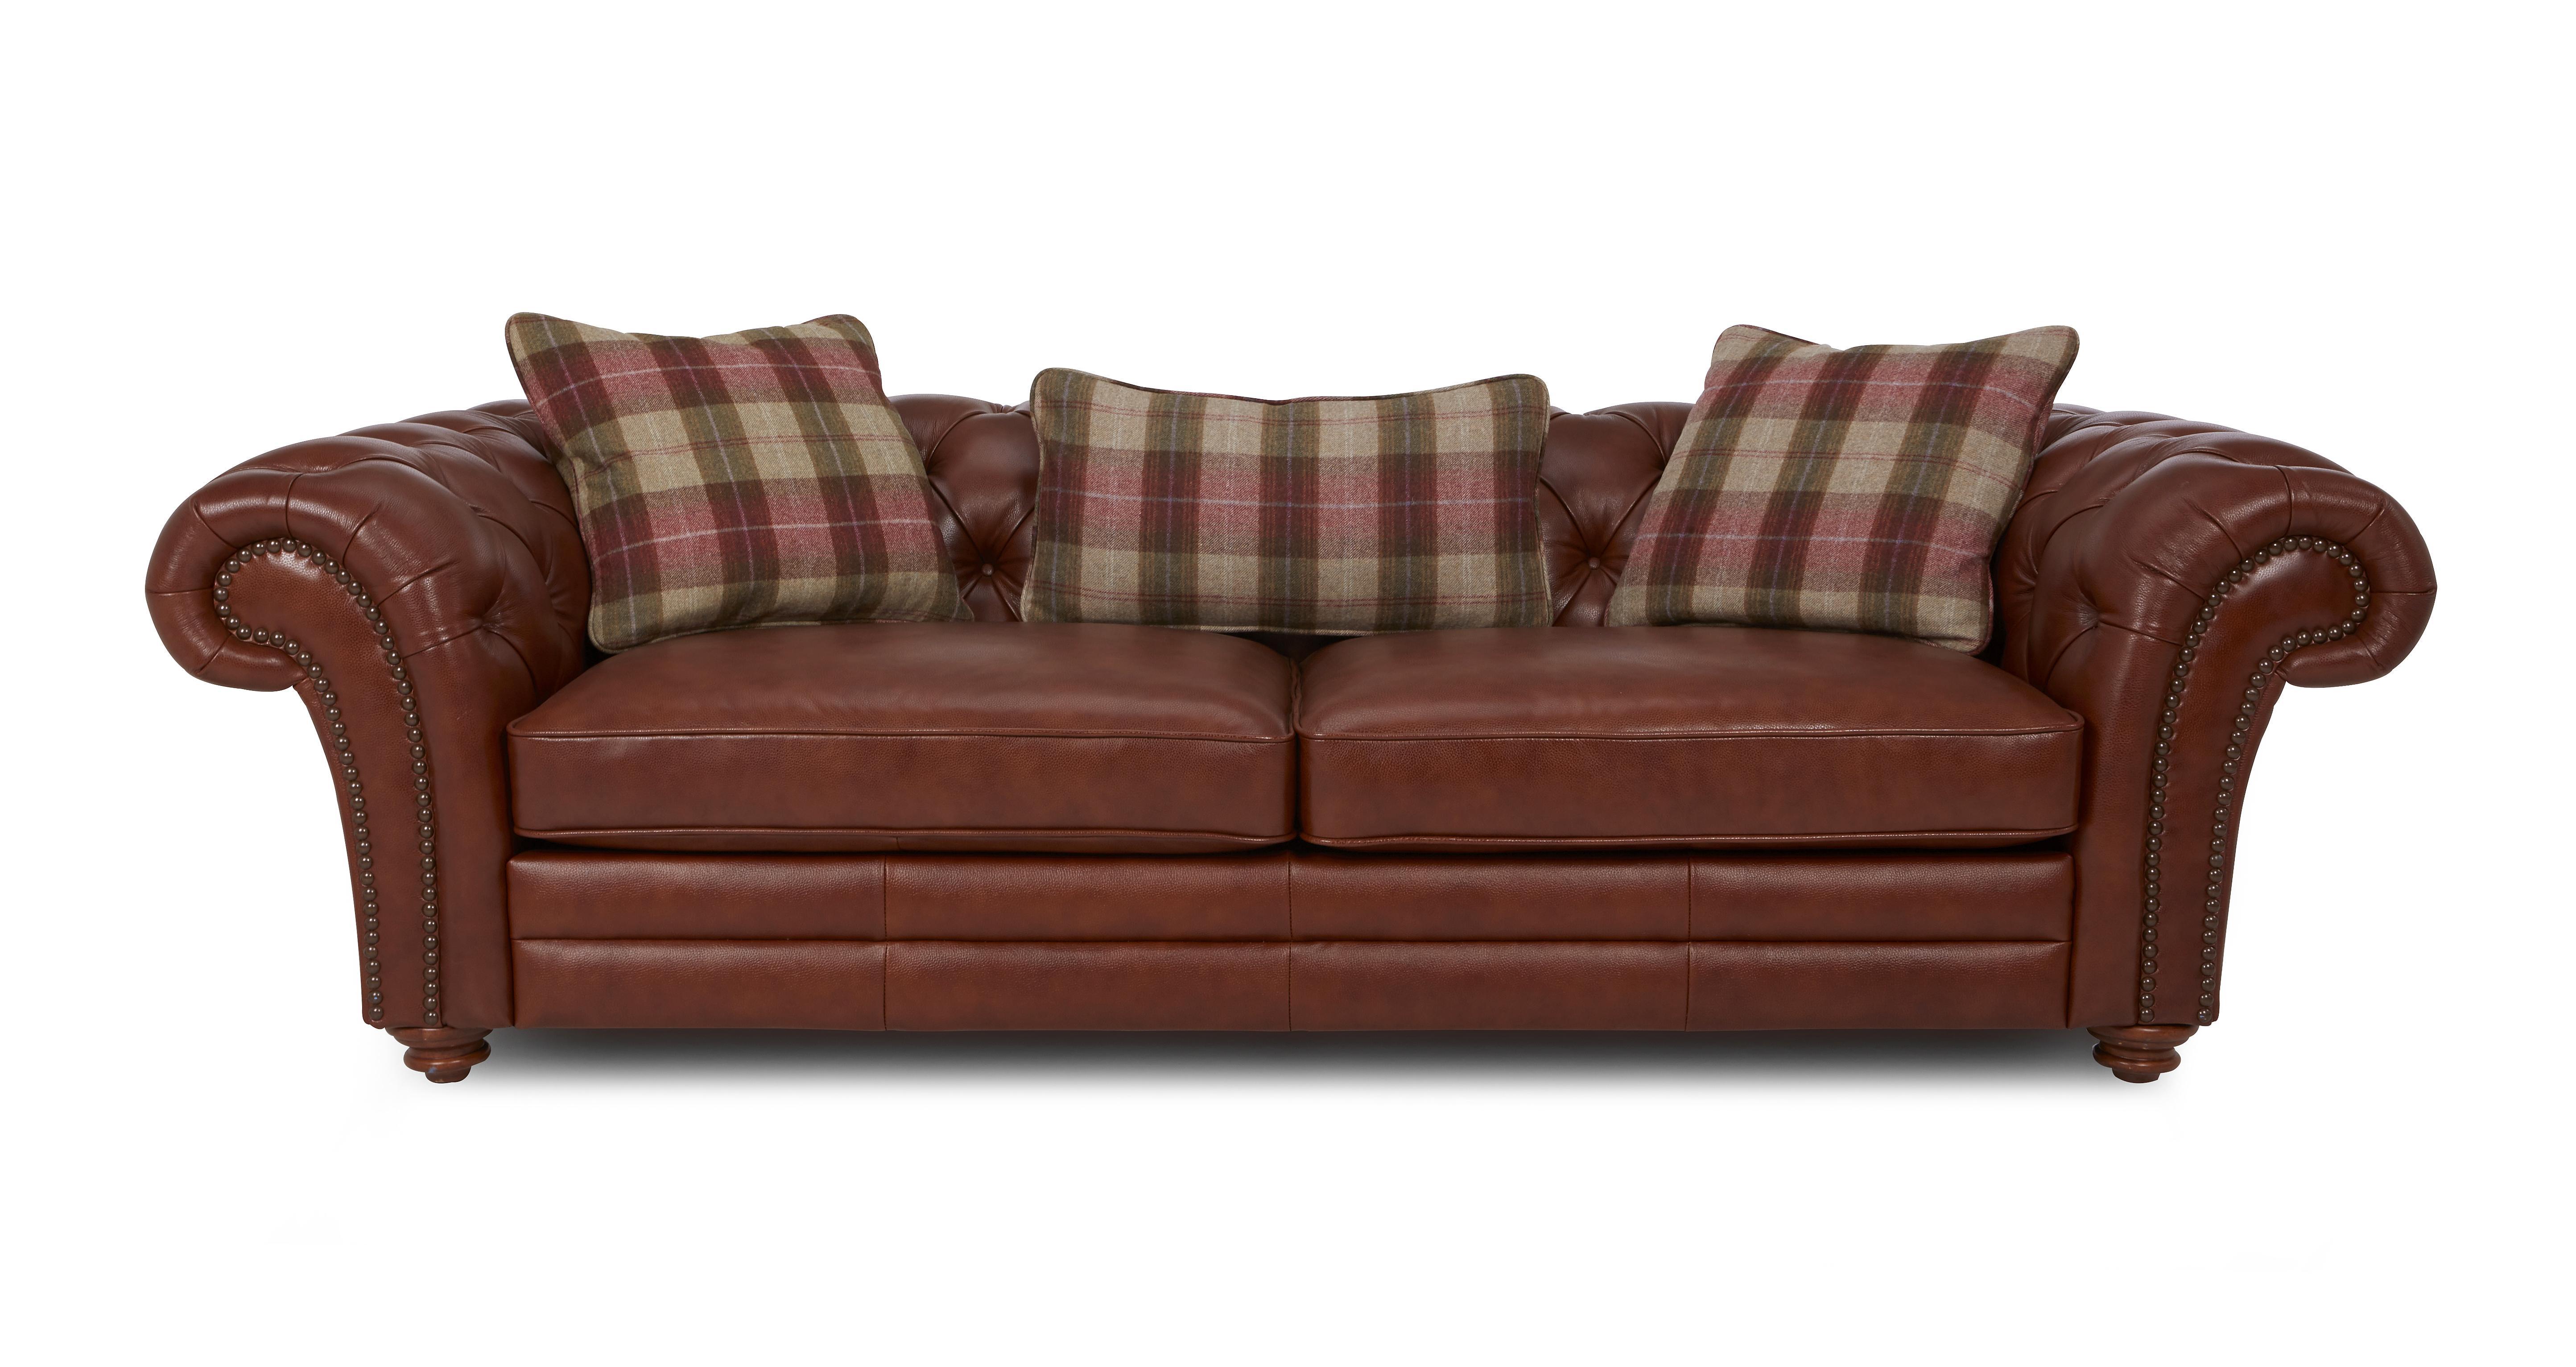 chesterfield style sofa dfs baci living room rh baciamistupido com